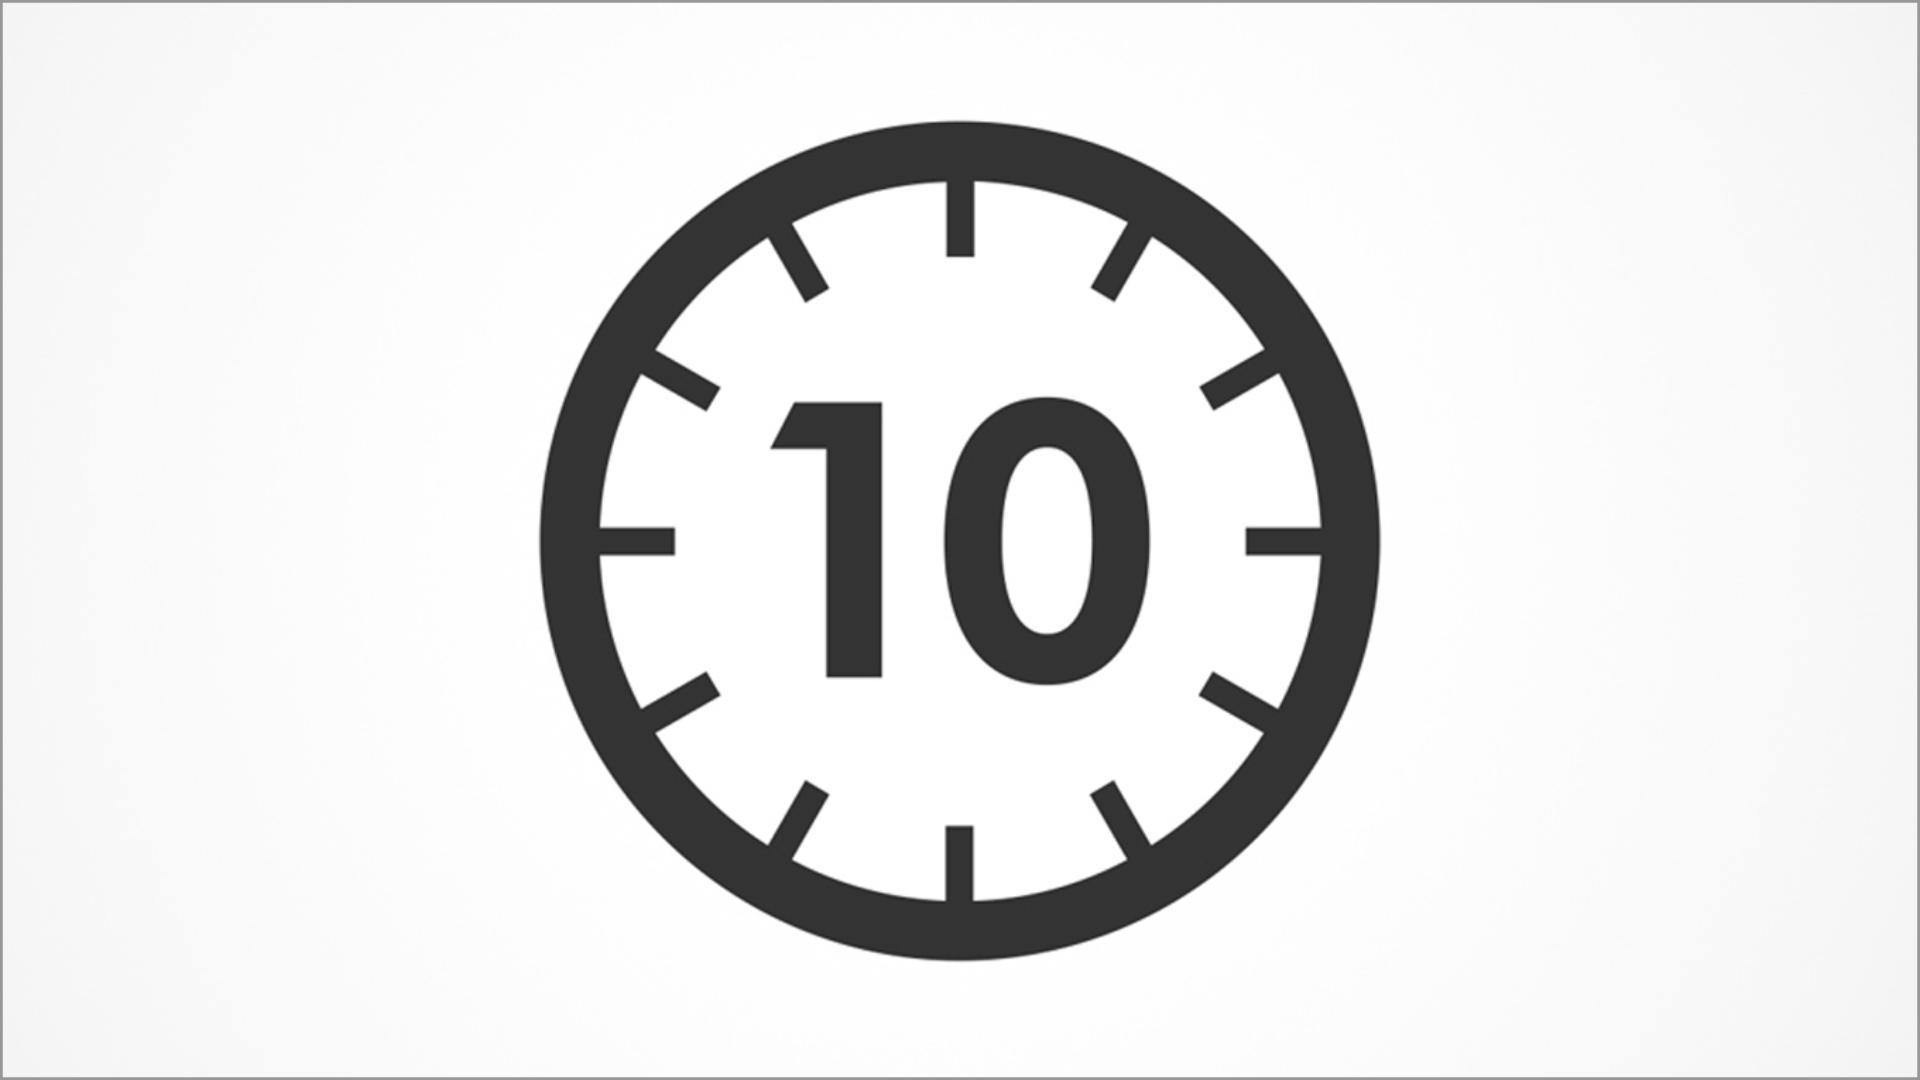 10 saniye simgesi